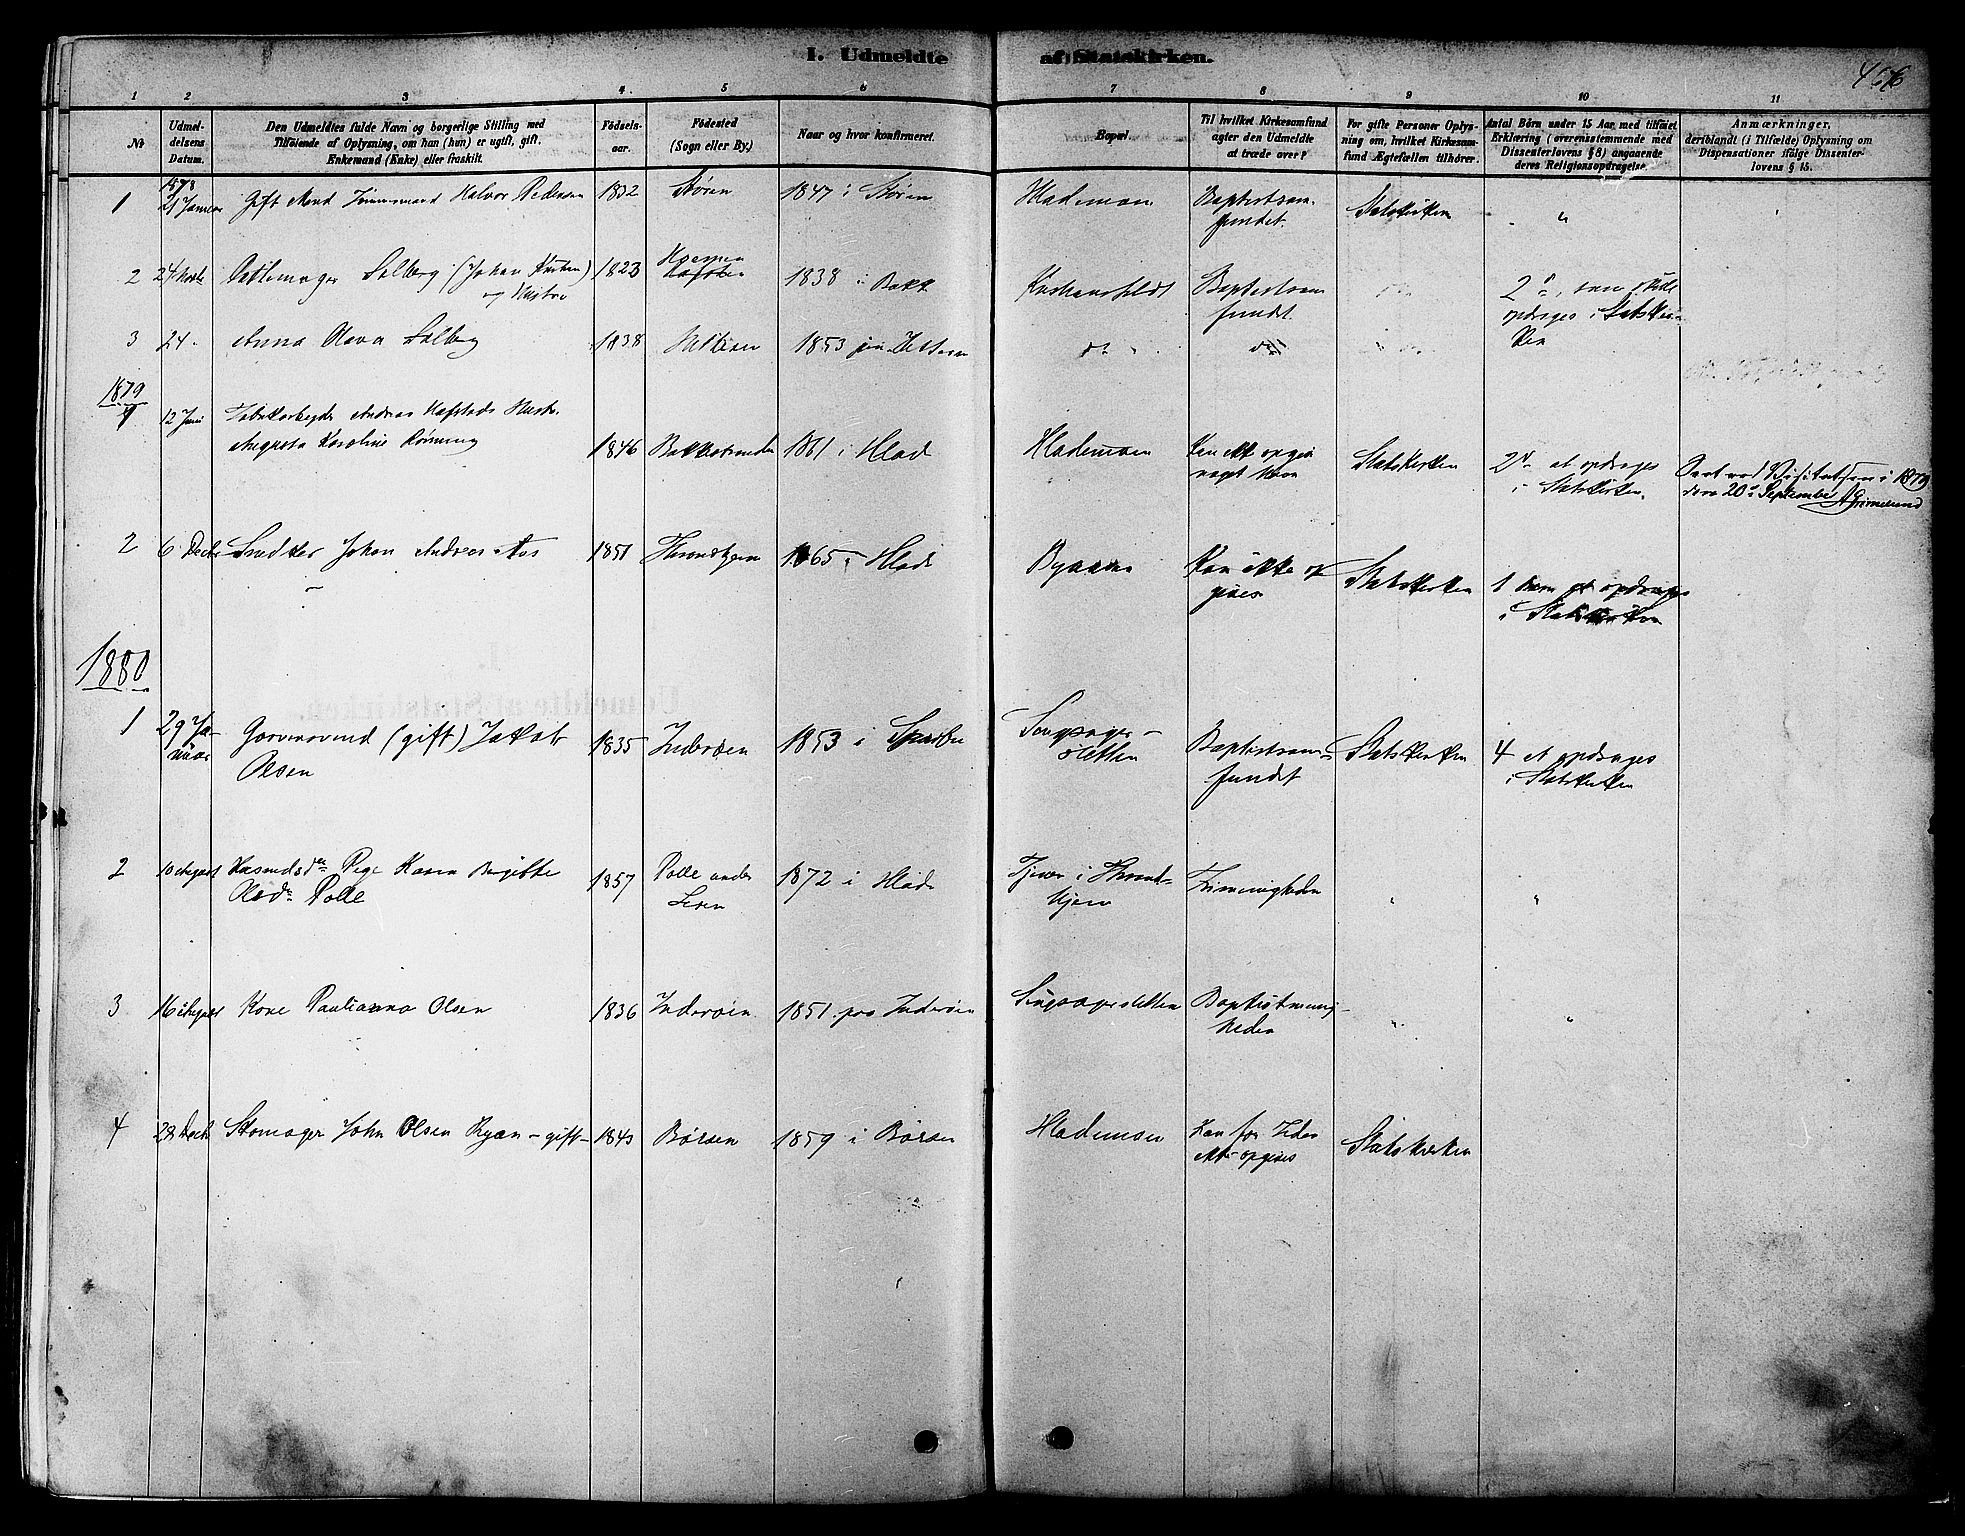 SAT, Ministerialprotokoller, klokkerbøker og fødselsregistre - Sør-Trøndelag, 606/L0294: Ministerialbok nr. 606A09, 1878-1886, s. 466